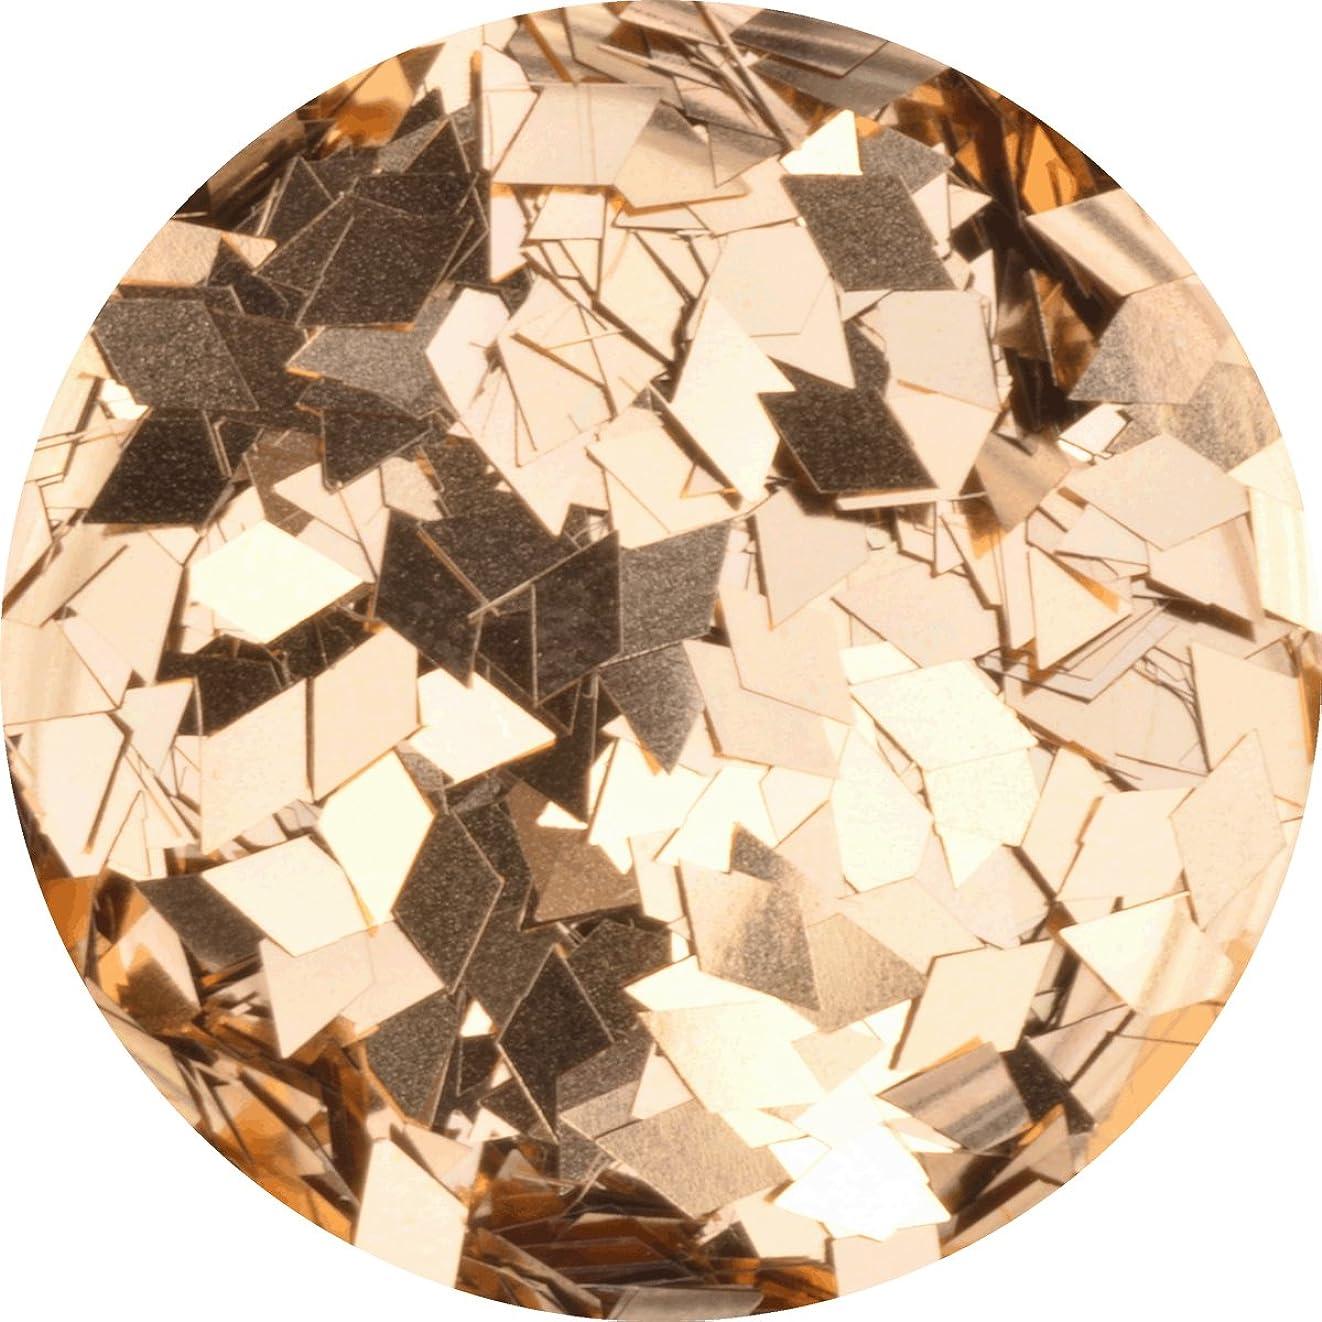 チョコレート取り組むコピーひし形 ダイヤ型 ホログラム 選べる12色 (11.ブロンズ)